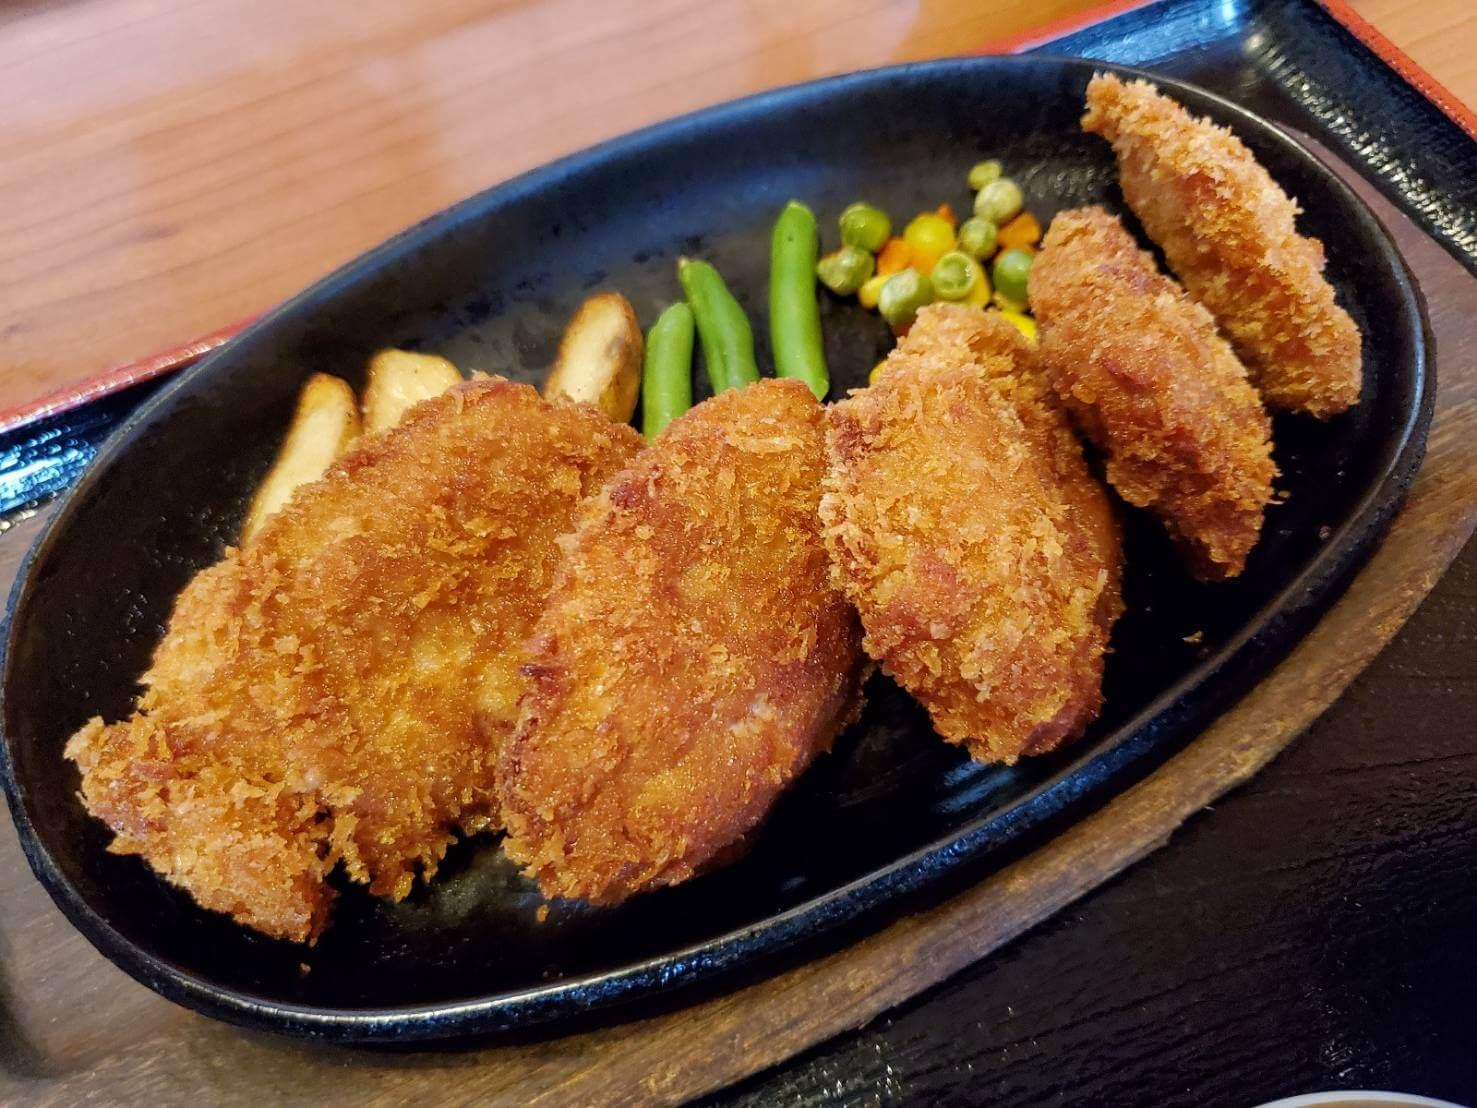 【レストラン オリオン-合志市御代志-】アットホームな雰囲気のレストランは、子連れに優しいレストランでした☆